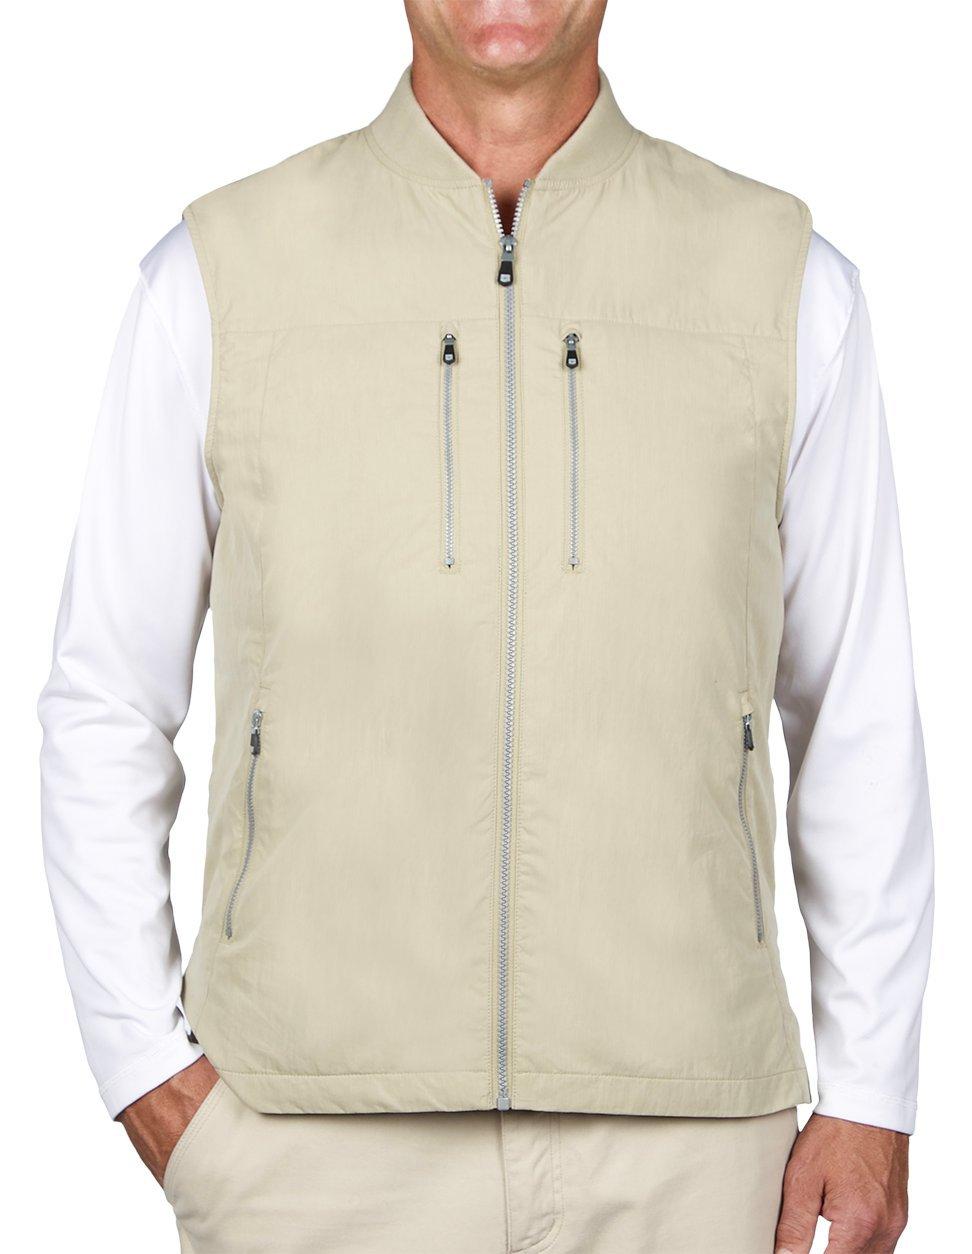 SCOTTeVEST 101 Vest-Men's - 9 Pockets, Travel Clothing, KHA, M by SCOTTeVEST